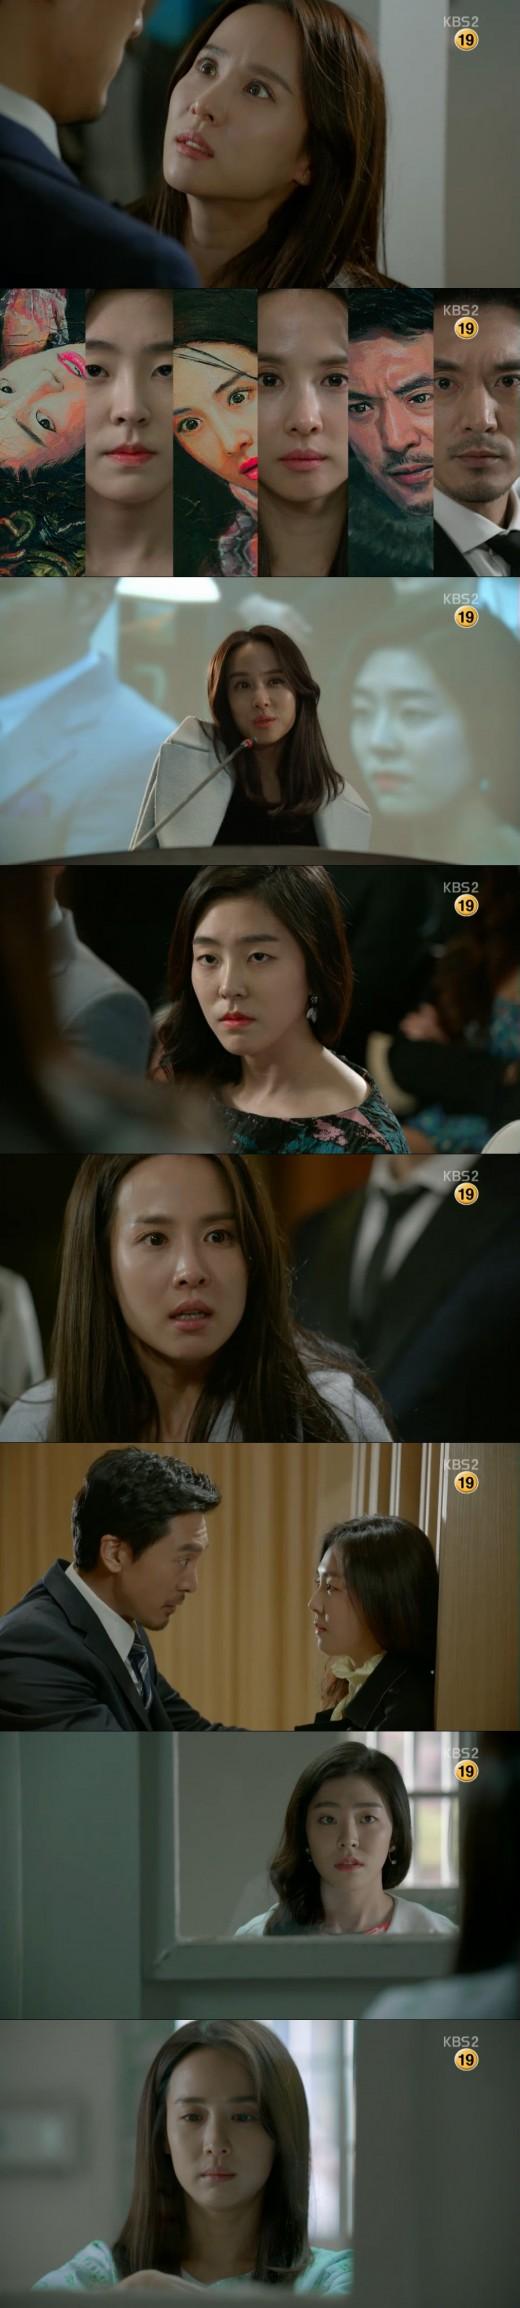 '베이비시터' 조여정, 광기 폭발 정신병원行…복수의 살인 다짐(TV종합)